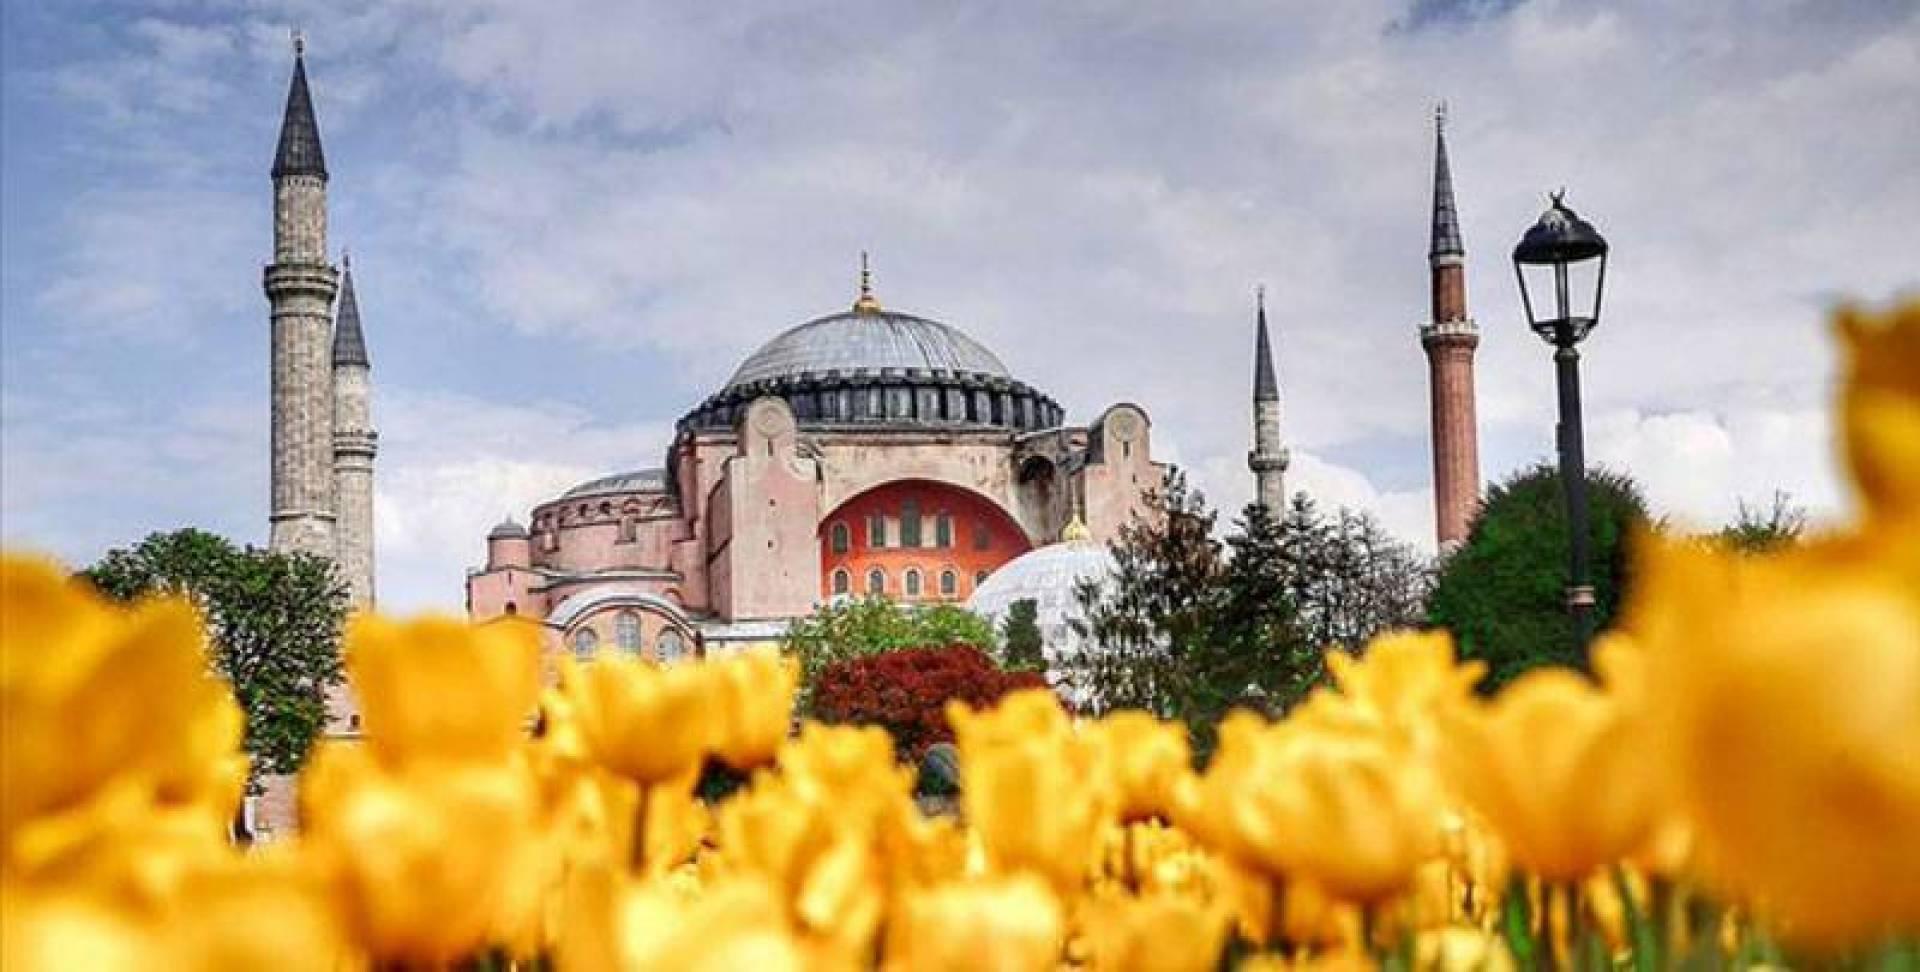 «واشنطن بوست»: أردوغان افتتح «أيا صوفيا» بعد تراجع شعبيته محلياً